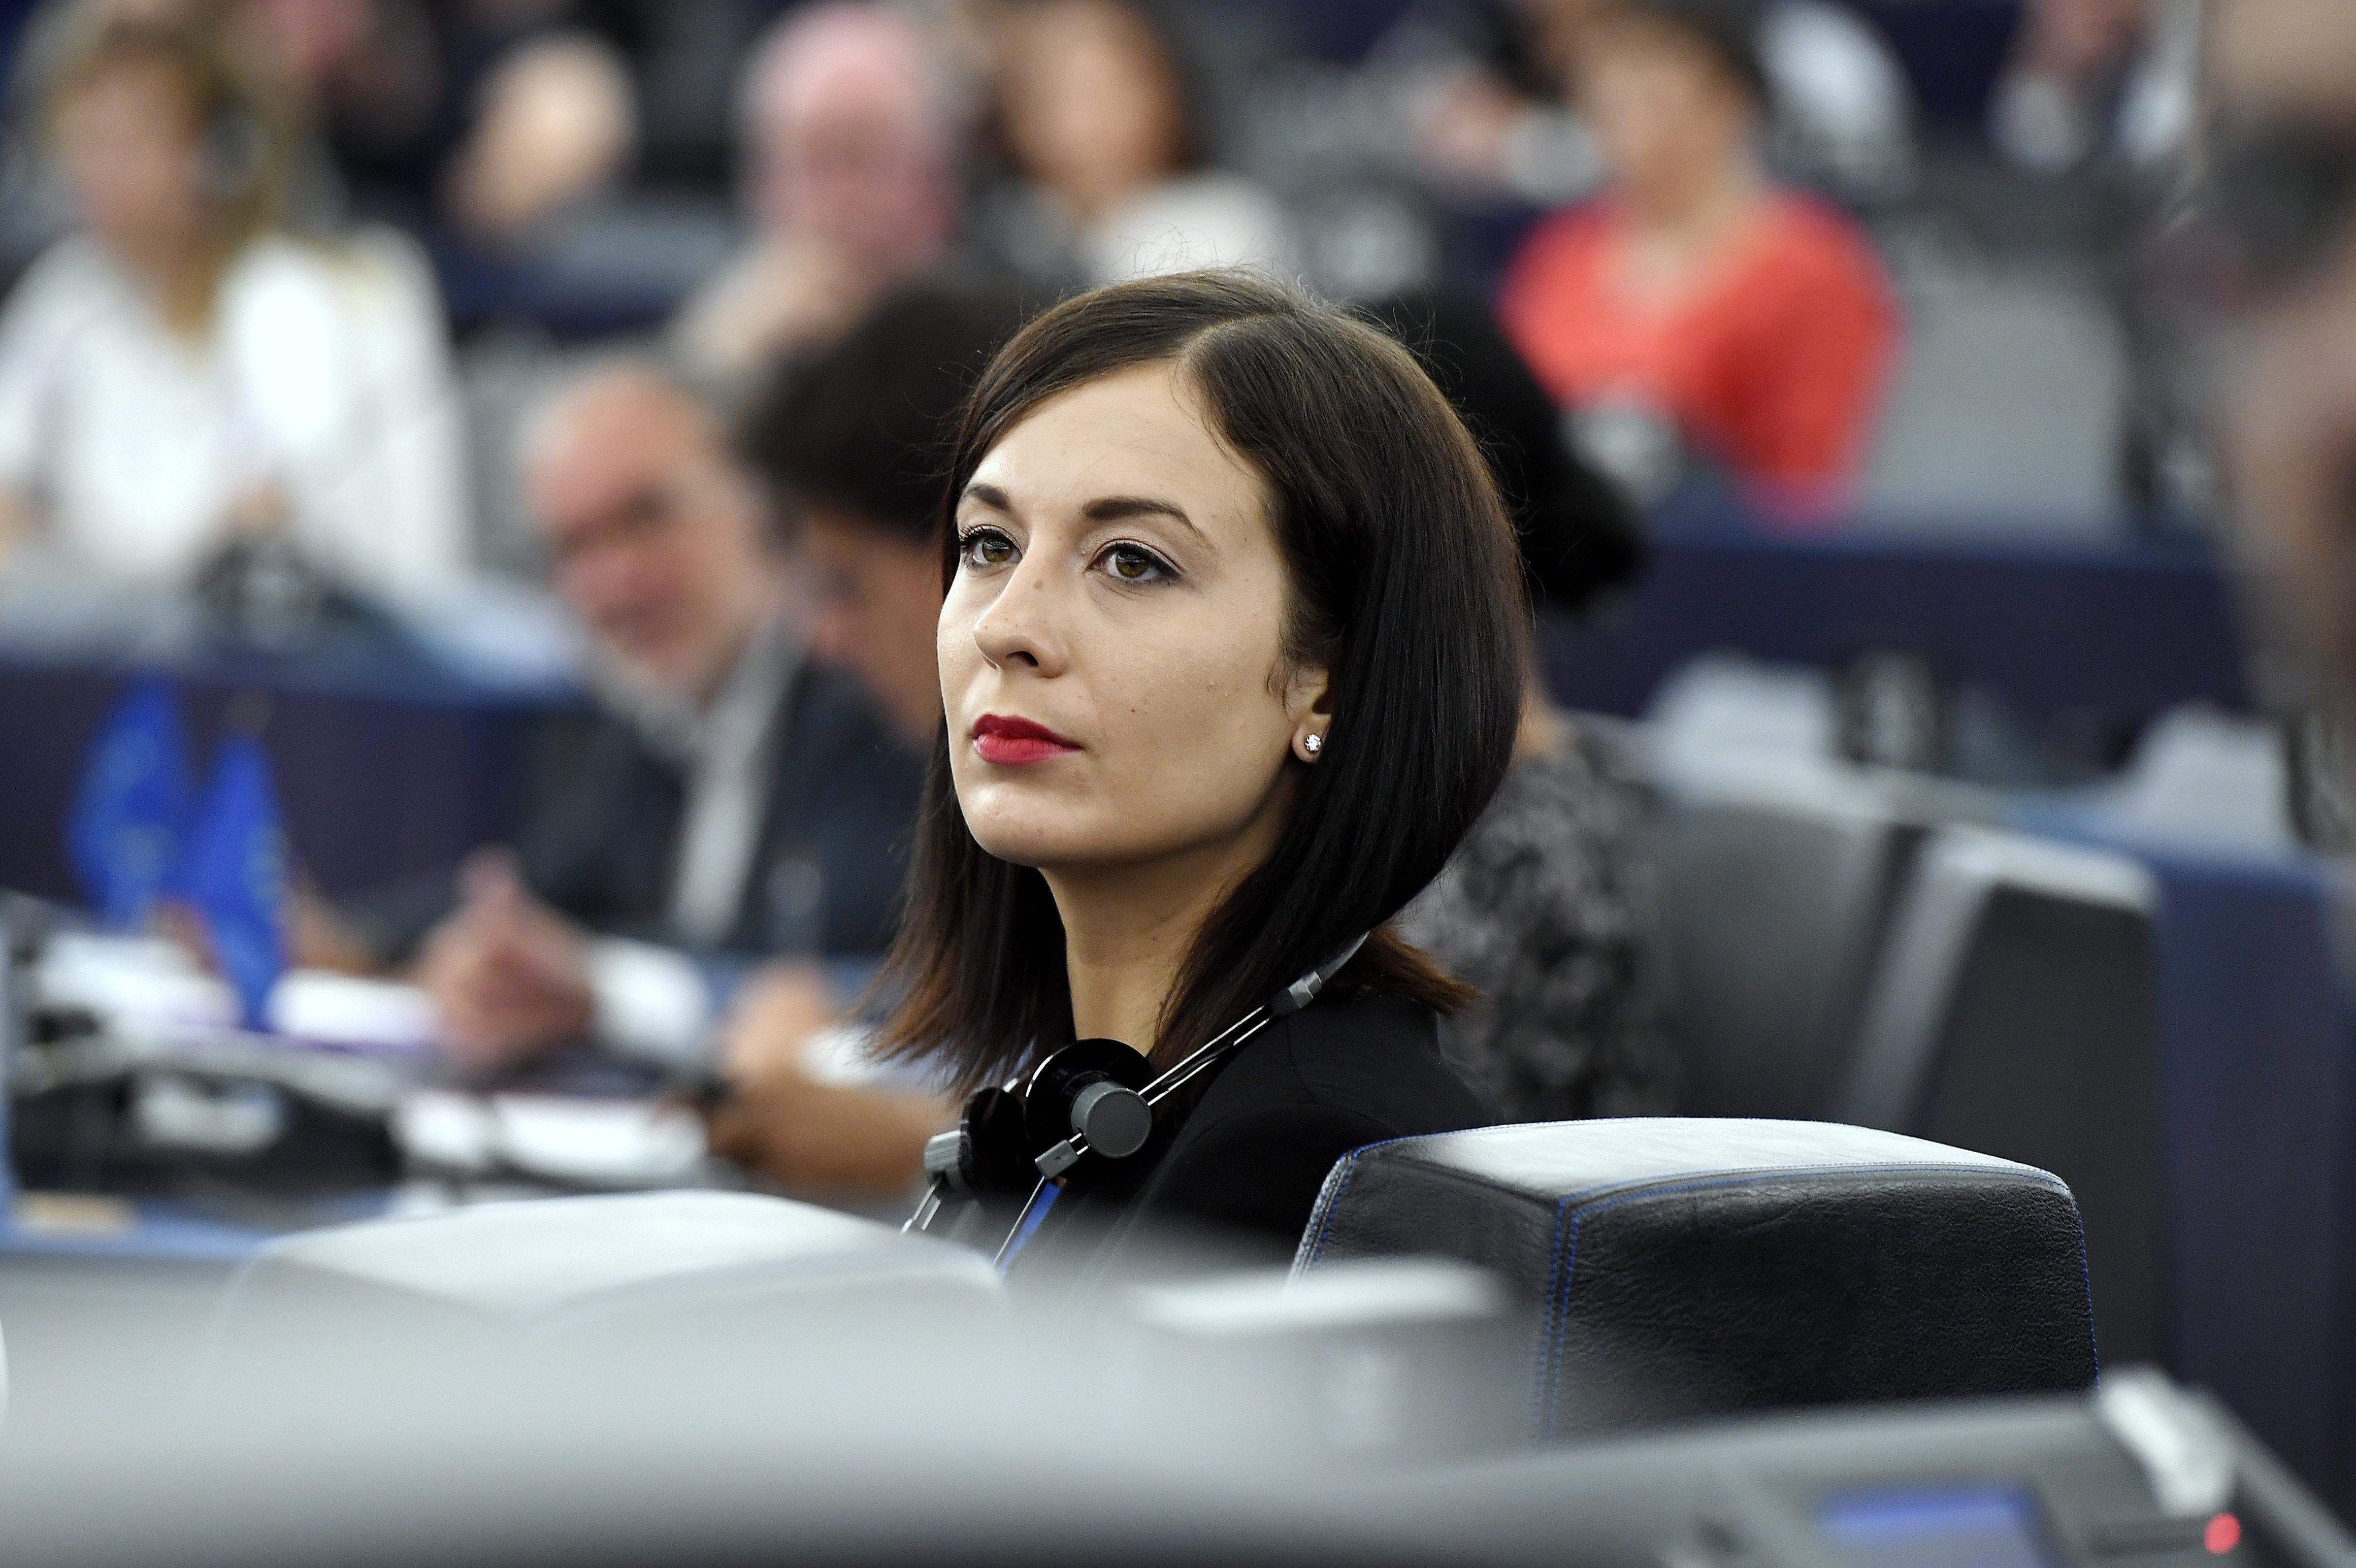 Cseh Katalin: A kínai diktatúra kitiltott Kínából